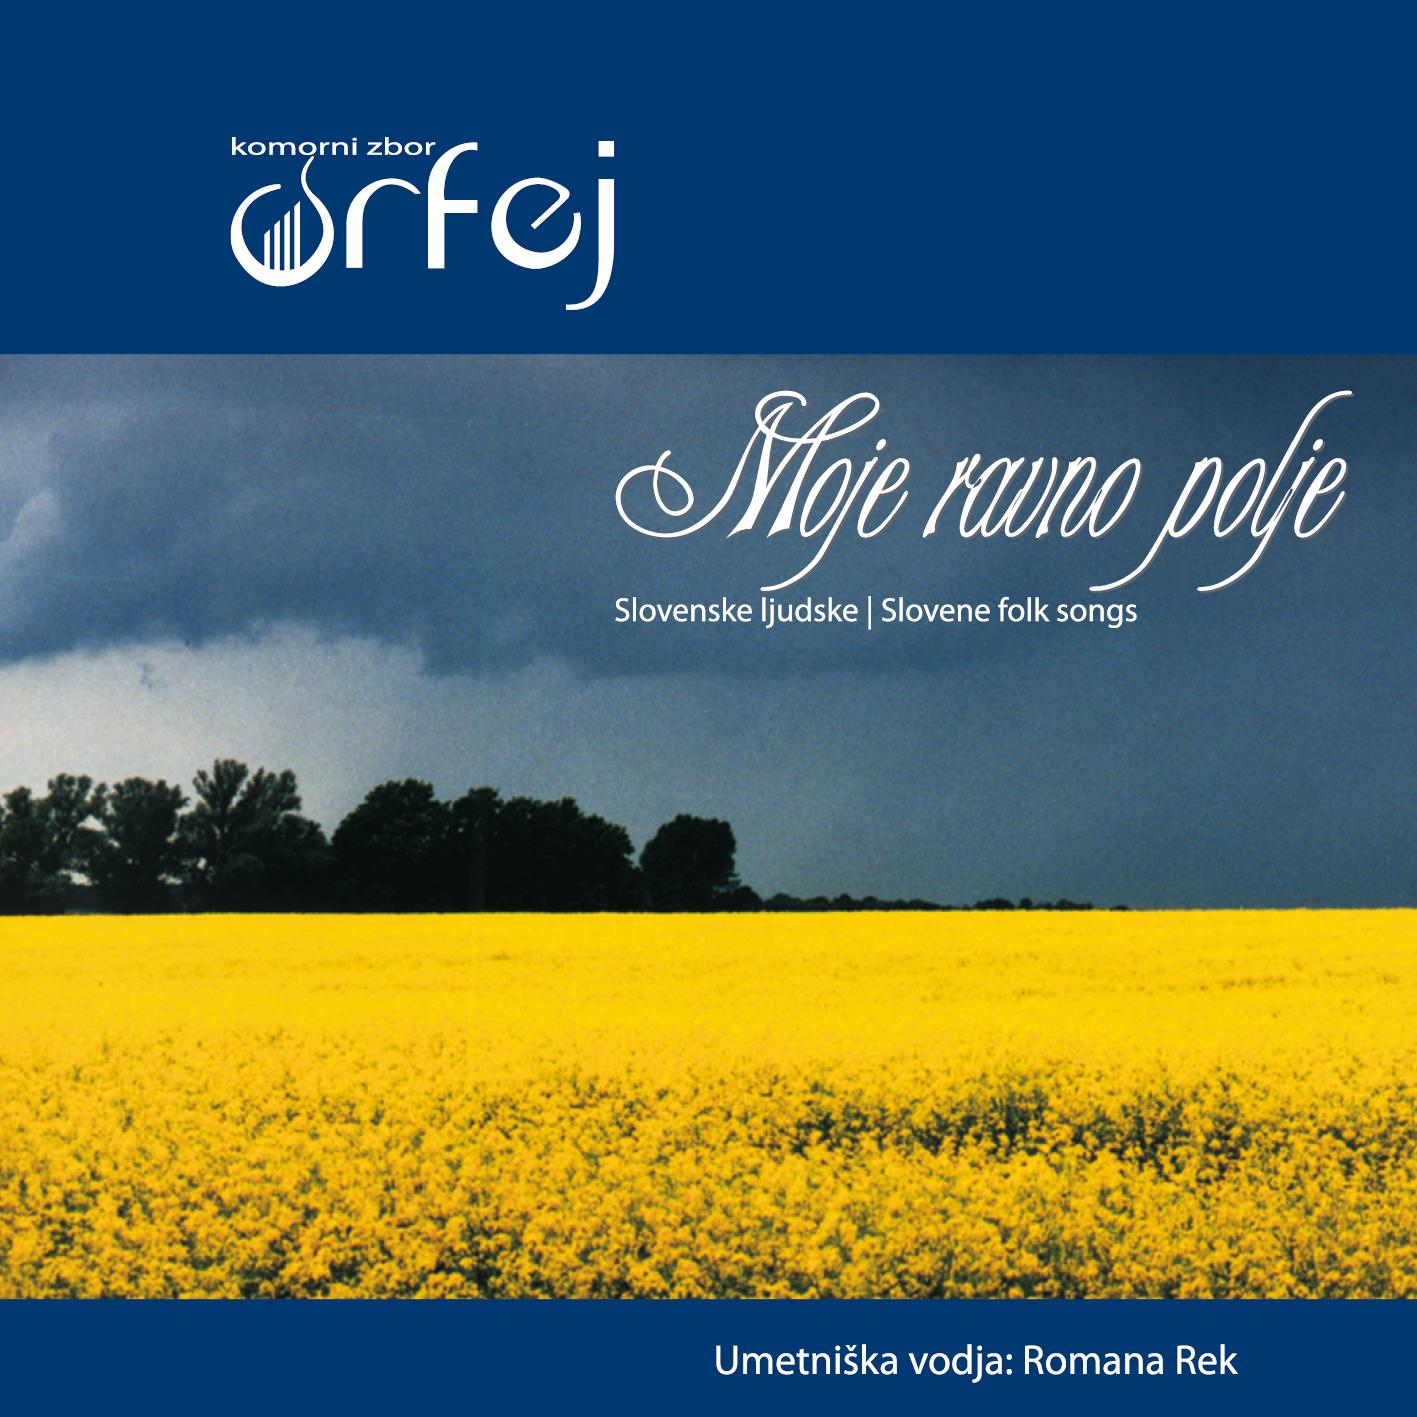 Komorni zbor Orfej - Zgoščenka Moje ravno polje